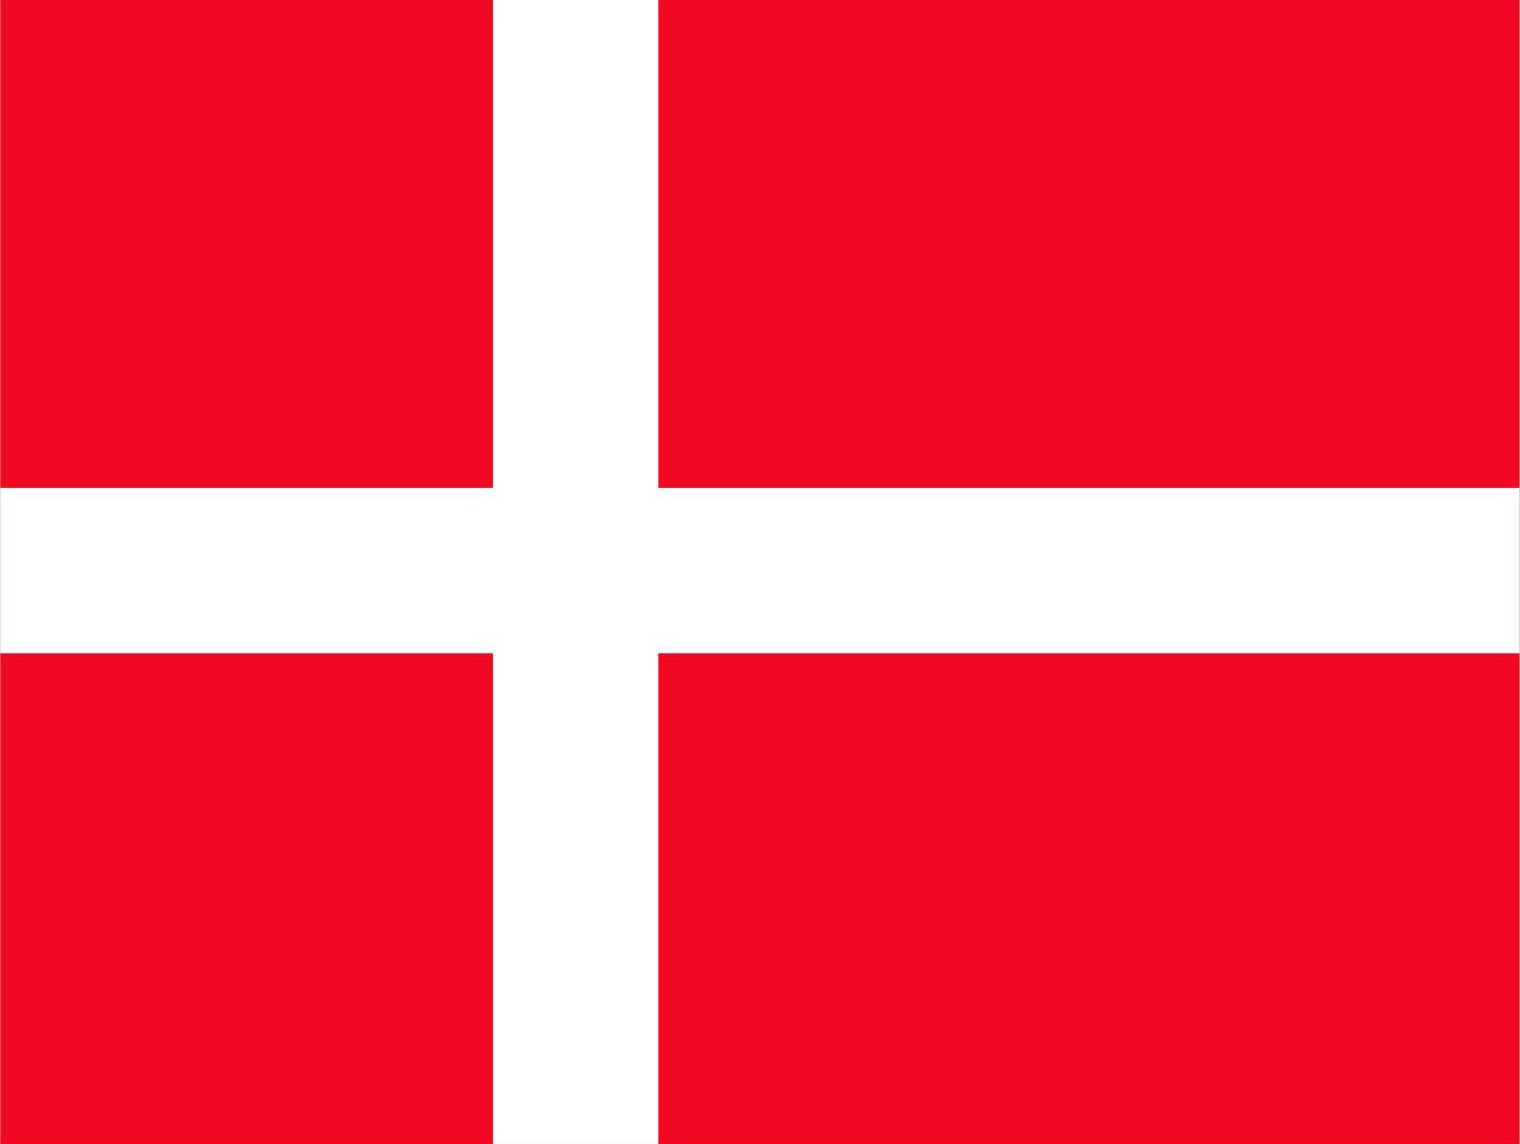 丹麦室内足球队